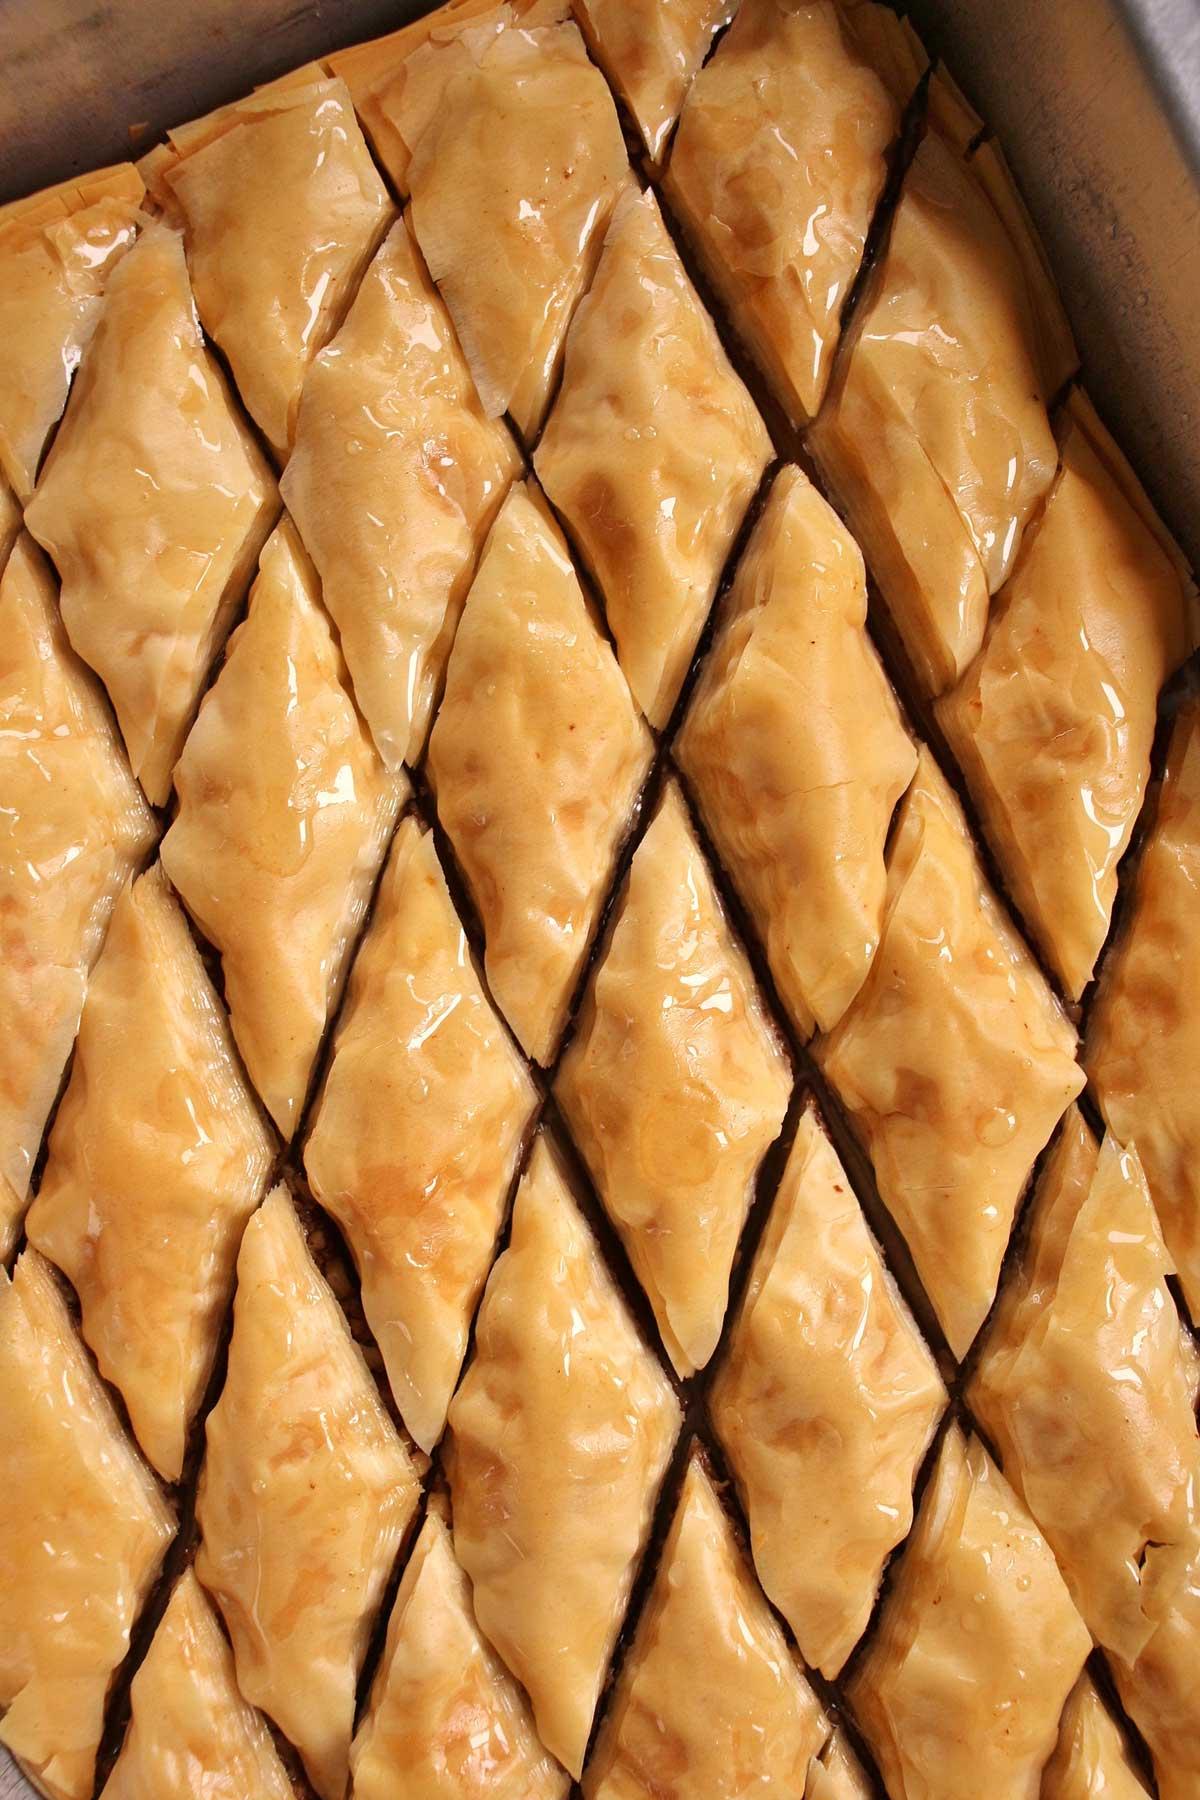 Closeup of a tray of diamond-shaped Armenian baklava soaking with syrup.